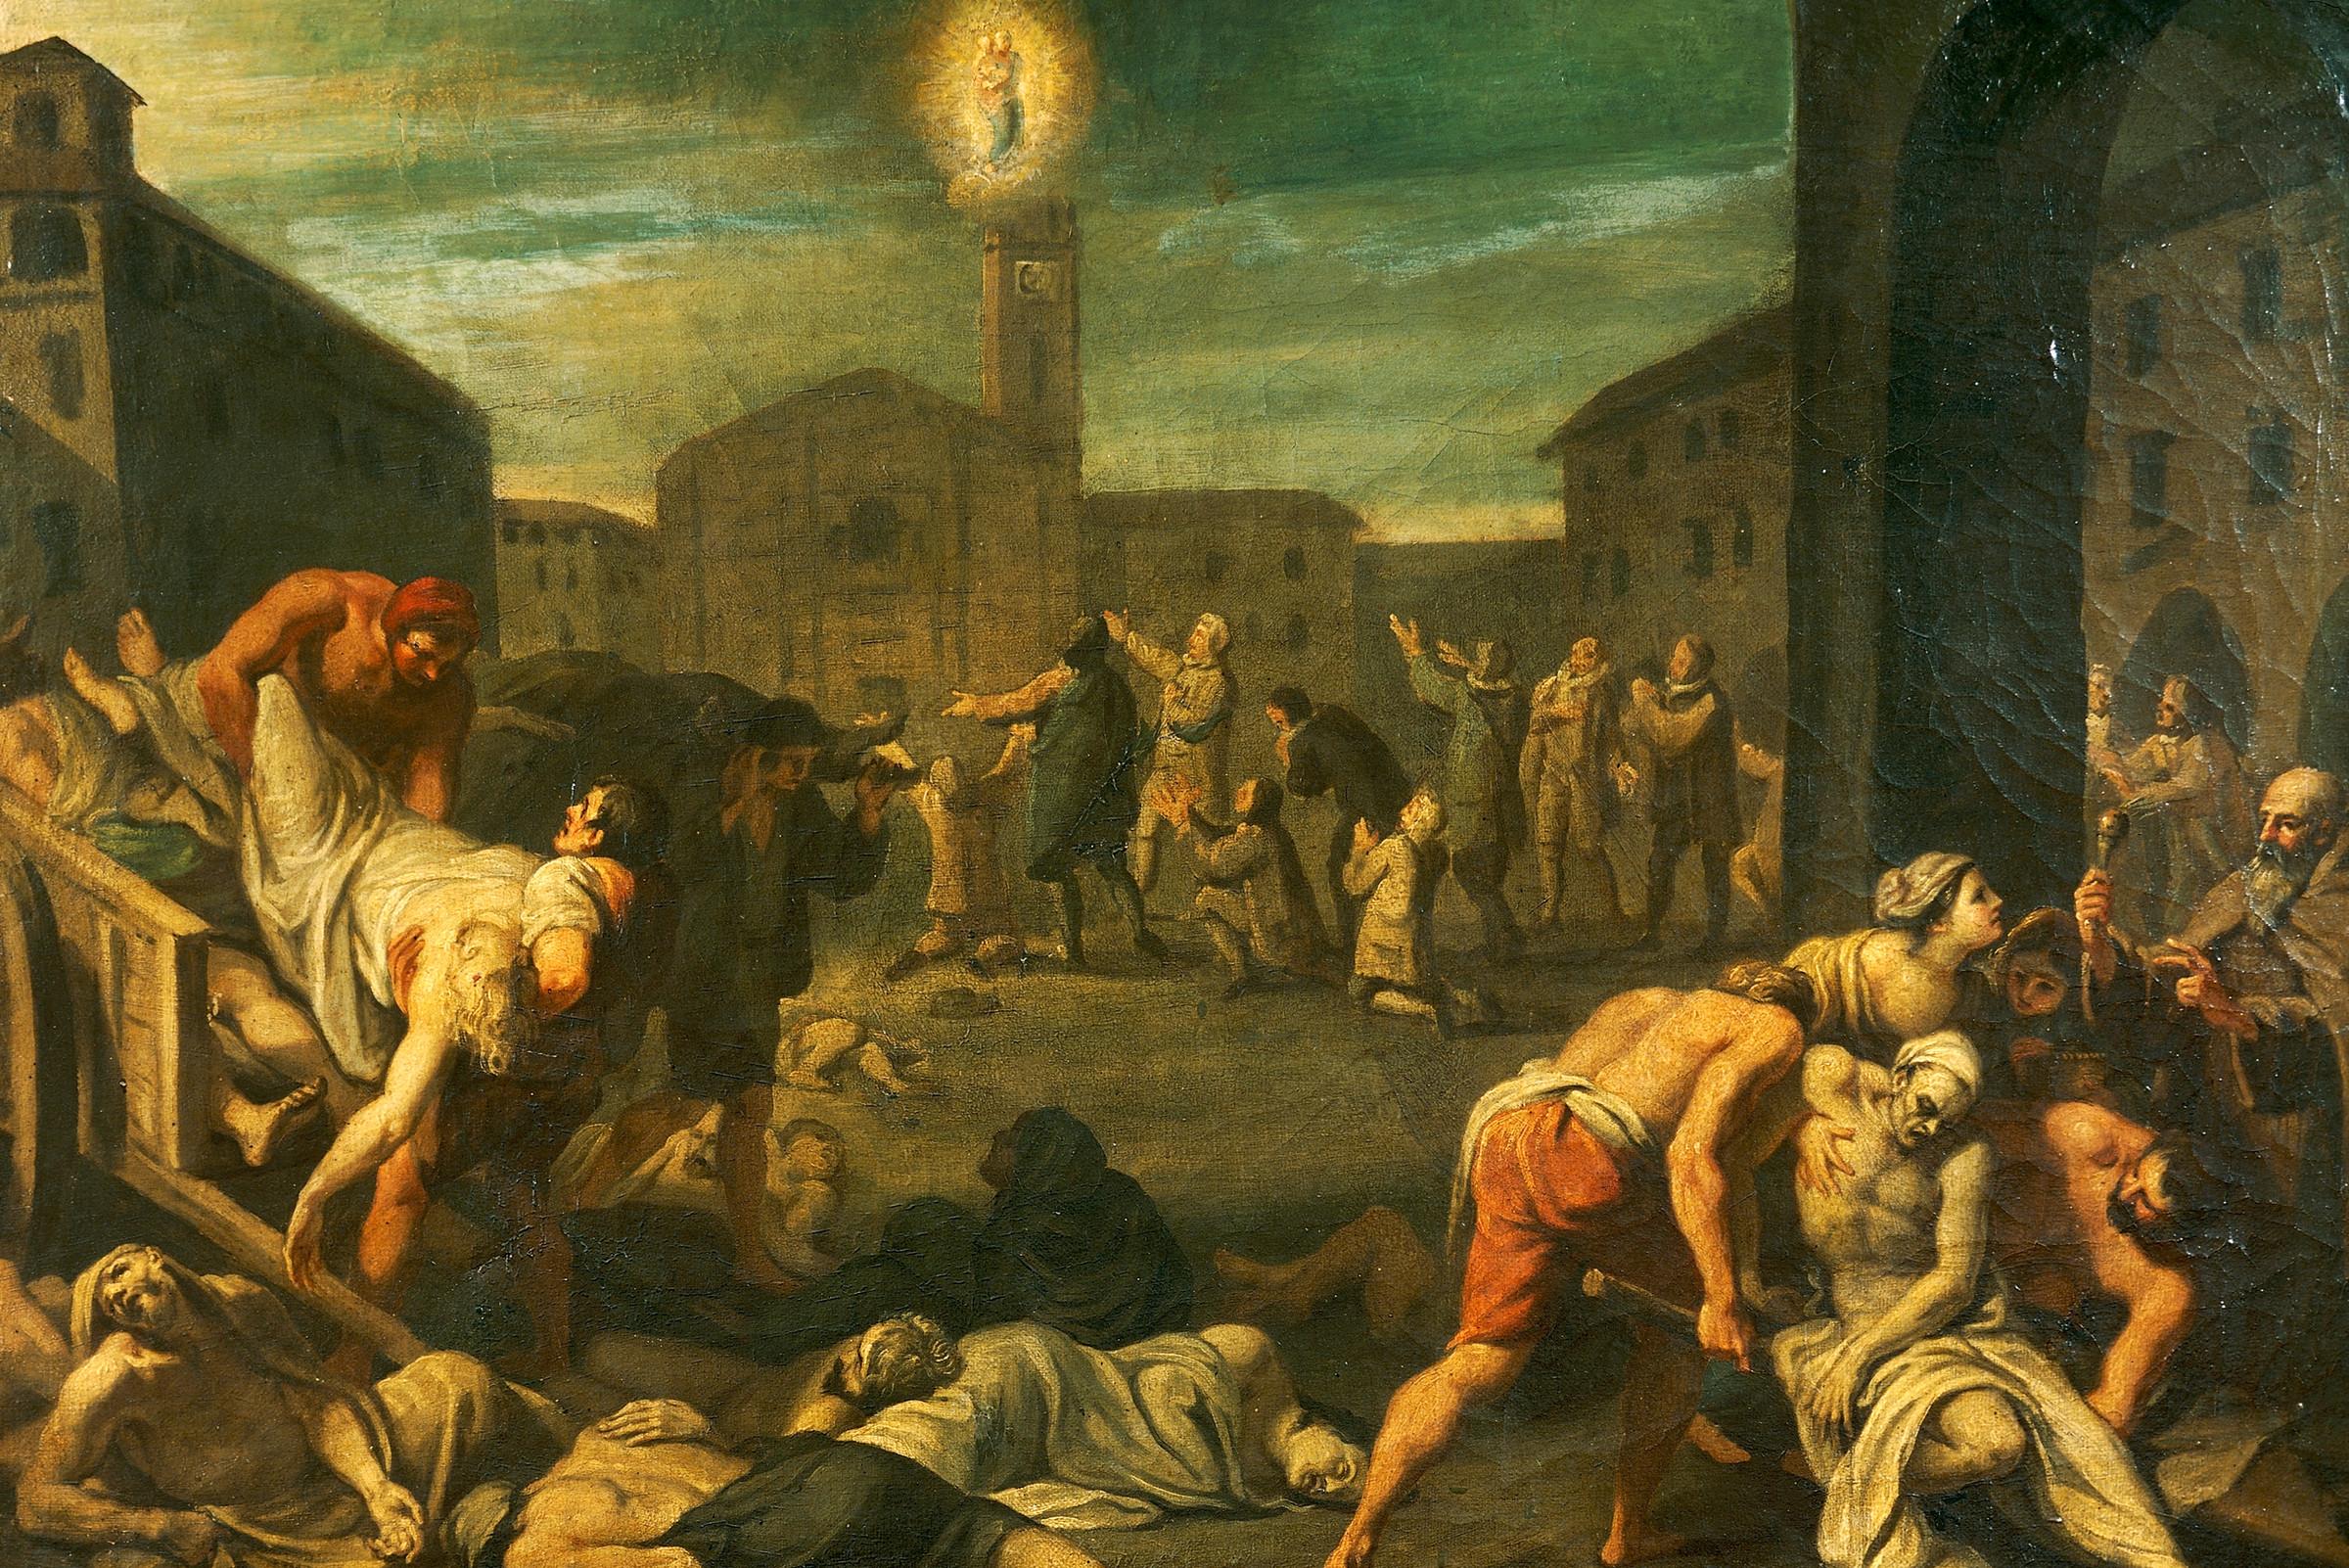 Prikaz kuge u Italiji iz 17. veka (Foto: De Agostini/Getty Images)